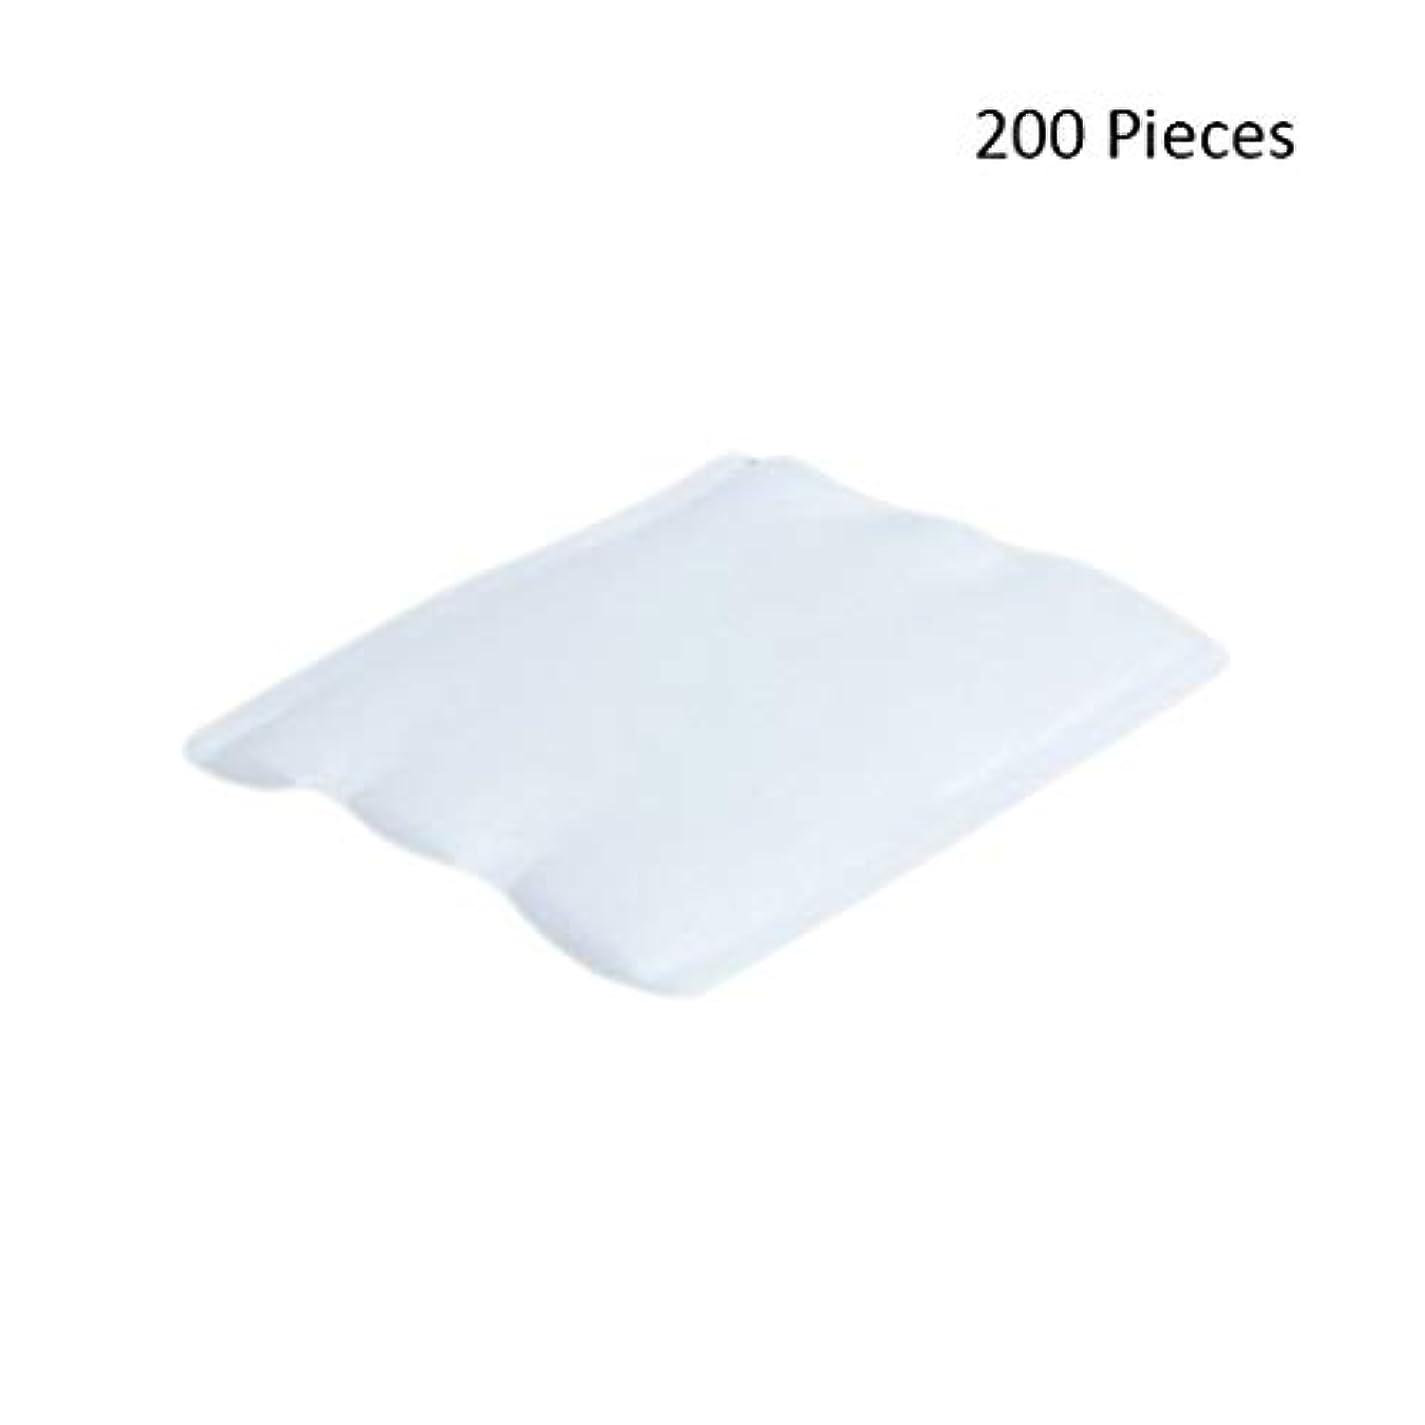 ボイコット横たわる太平洋諸島200ピースフェイスメイクアップリムーバーオーガニックフェイシャルクレンジングメイクアップ化粧品リムーバーワイプフェイスウォッシュスキンケアコットンパッド (Color : White, サイズ : 6*5cm)